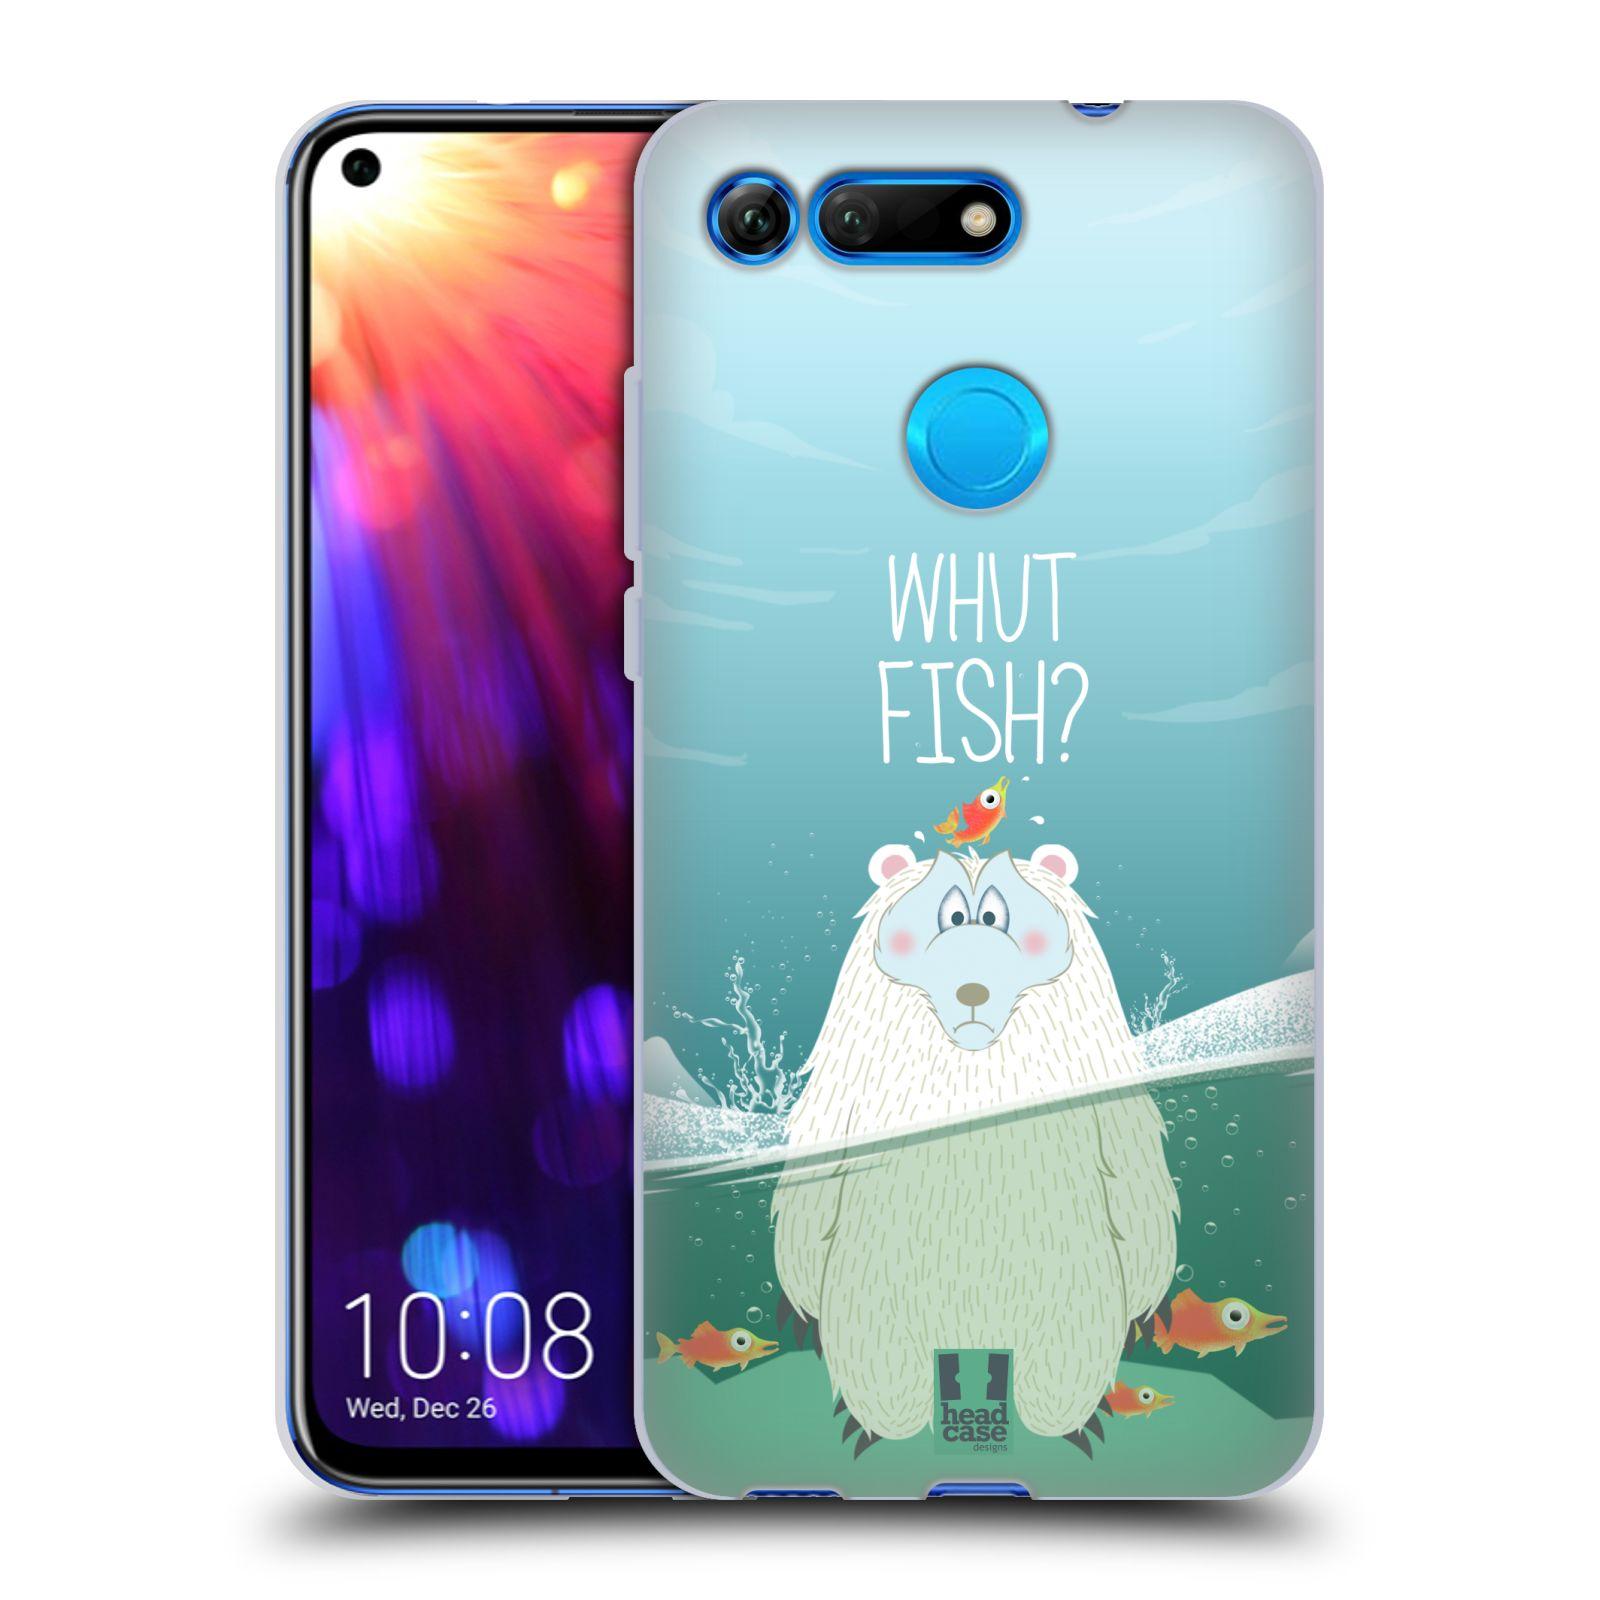 Silikonové pouzdro na mobil Honor View 20 - Head Case - Medvěd Whut Fish?